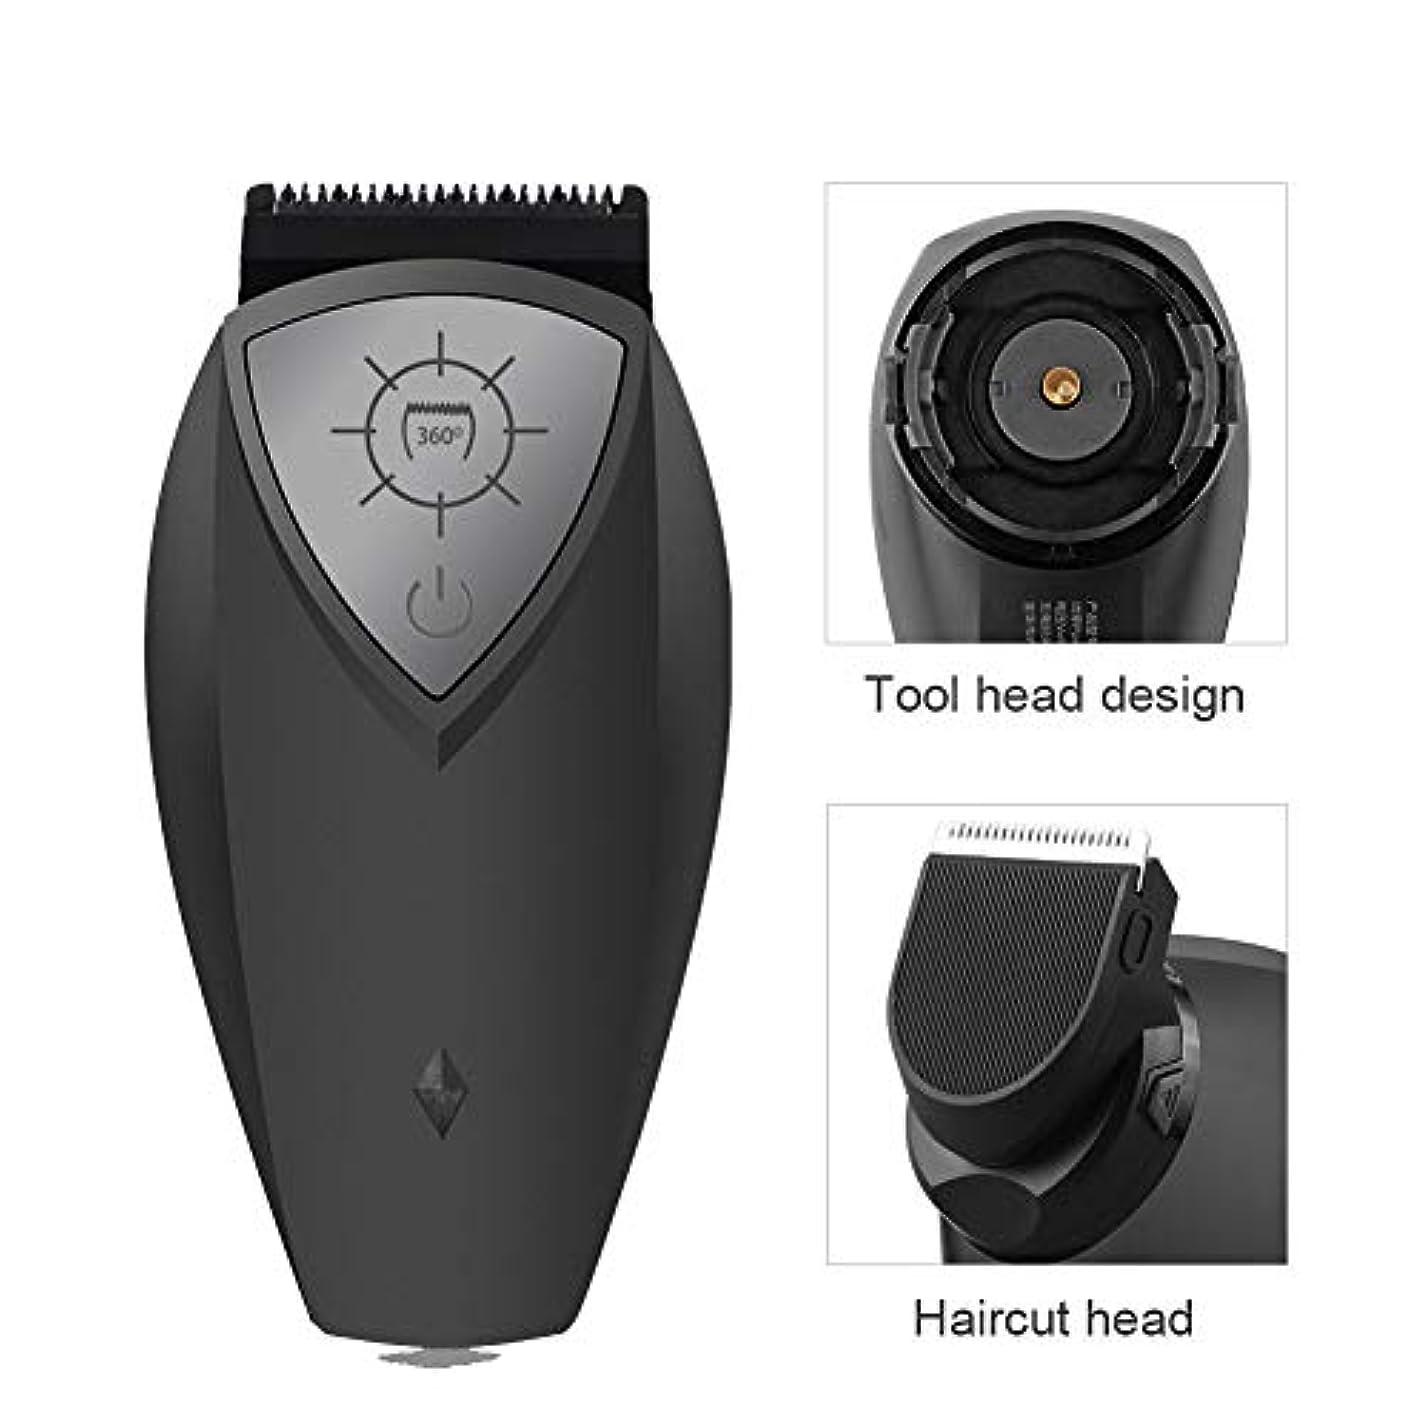 セクタ入植者植物学者かみそり 髭剃り Paulcans 360度の回転式有料男性の電気シェーバーボディひげの毛のトリマーのかみそり